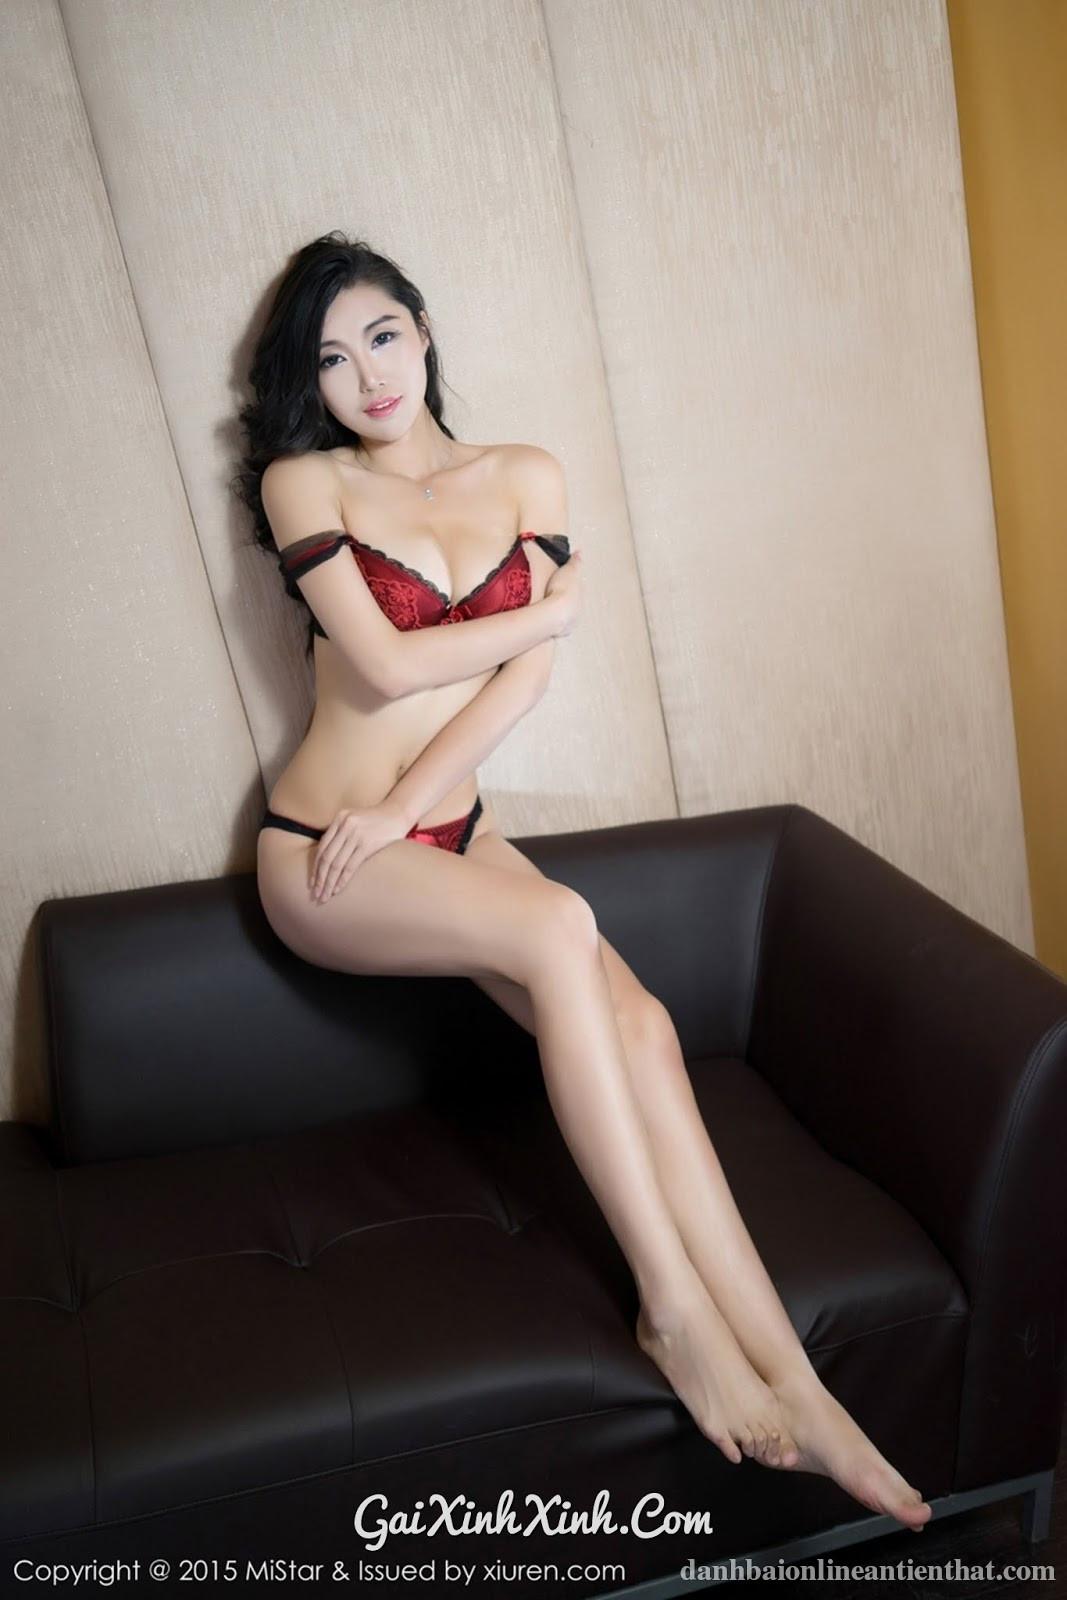 Anh đắm mình trong nồng nàn biển rượu, Khắc tên em lên cổ cánh chân gà - gaixinhxinh.com